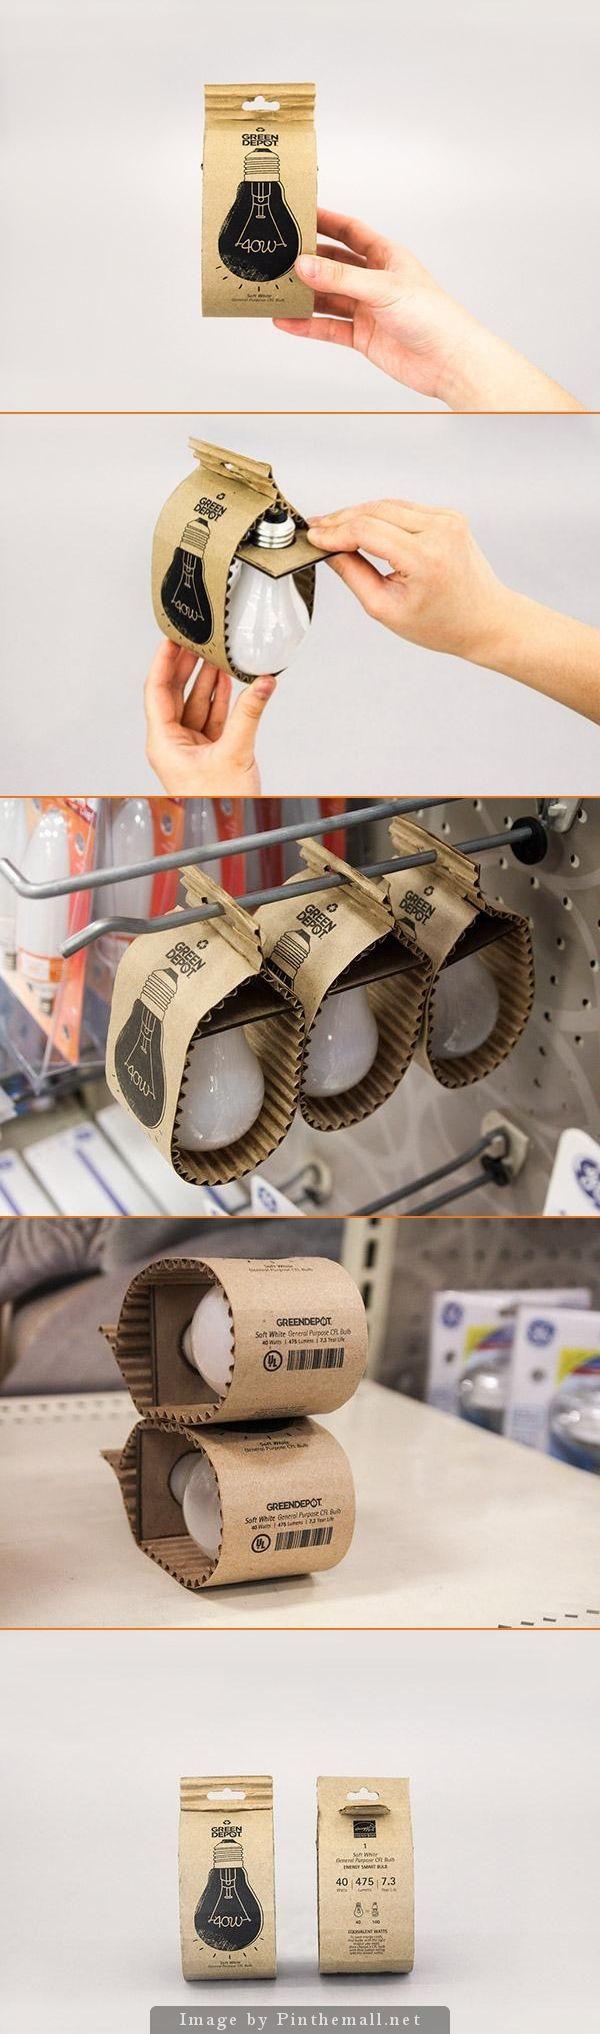 Este #packaging ecológico con materiales respetuosos con el medio ambiente fue diseñado por Hyunseo Yoo basándose en las 3R: reducir, reusar y reciclar. Para crearlo usó cartón grueso y corrugado reciclables. Se minimizaron los materiales para reducir la cantidad de residuos, por lo que no utilizó plástico, ni grapas, ni otra caja para contener al primero. Inclusive en el diseño a una tinta se observa la economía de recursos. https://www.facebook.com/EstrategiayCreatividad?ref=hl